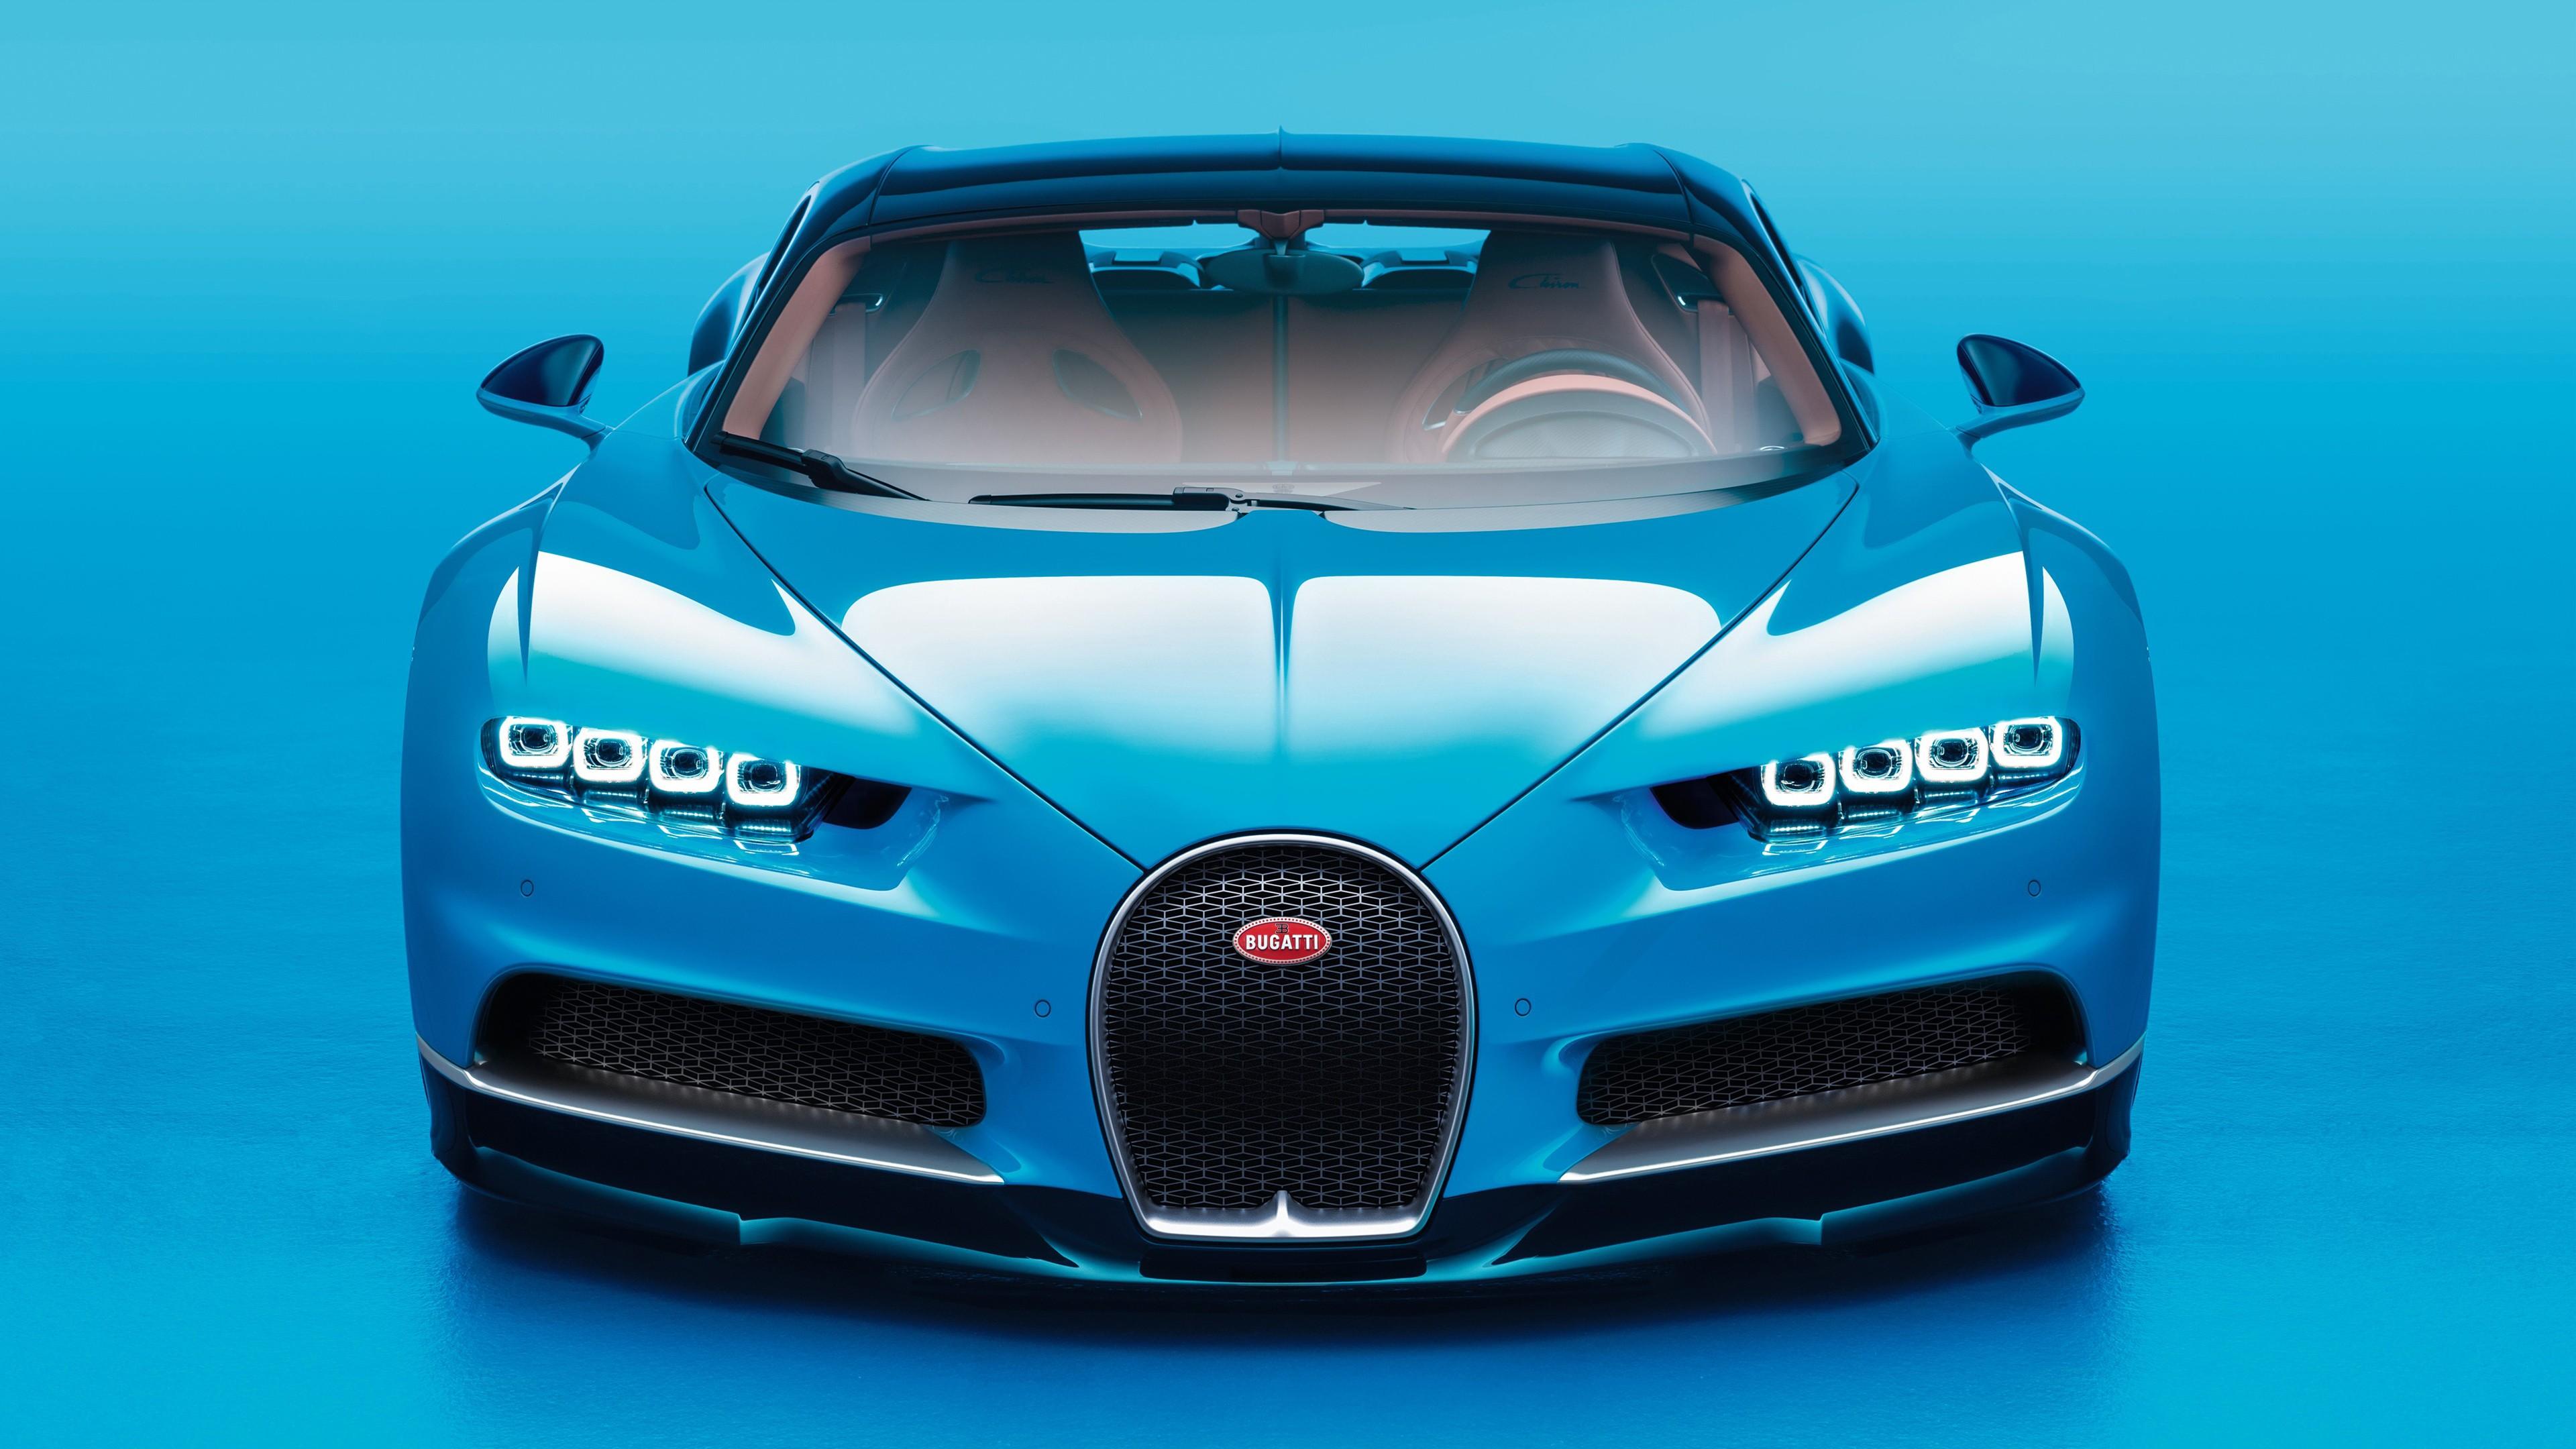 2017 Bugatti Chiron Geneva Autoshow Wallpaper | HD Car ...